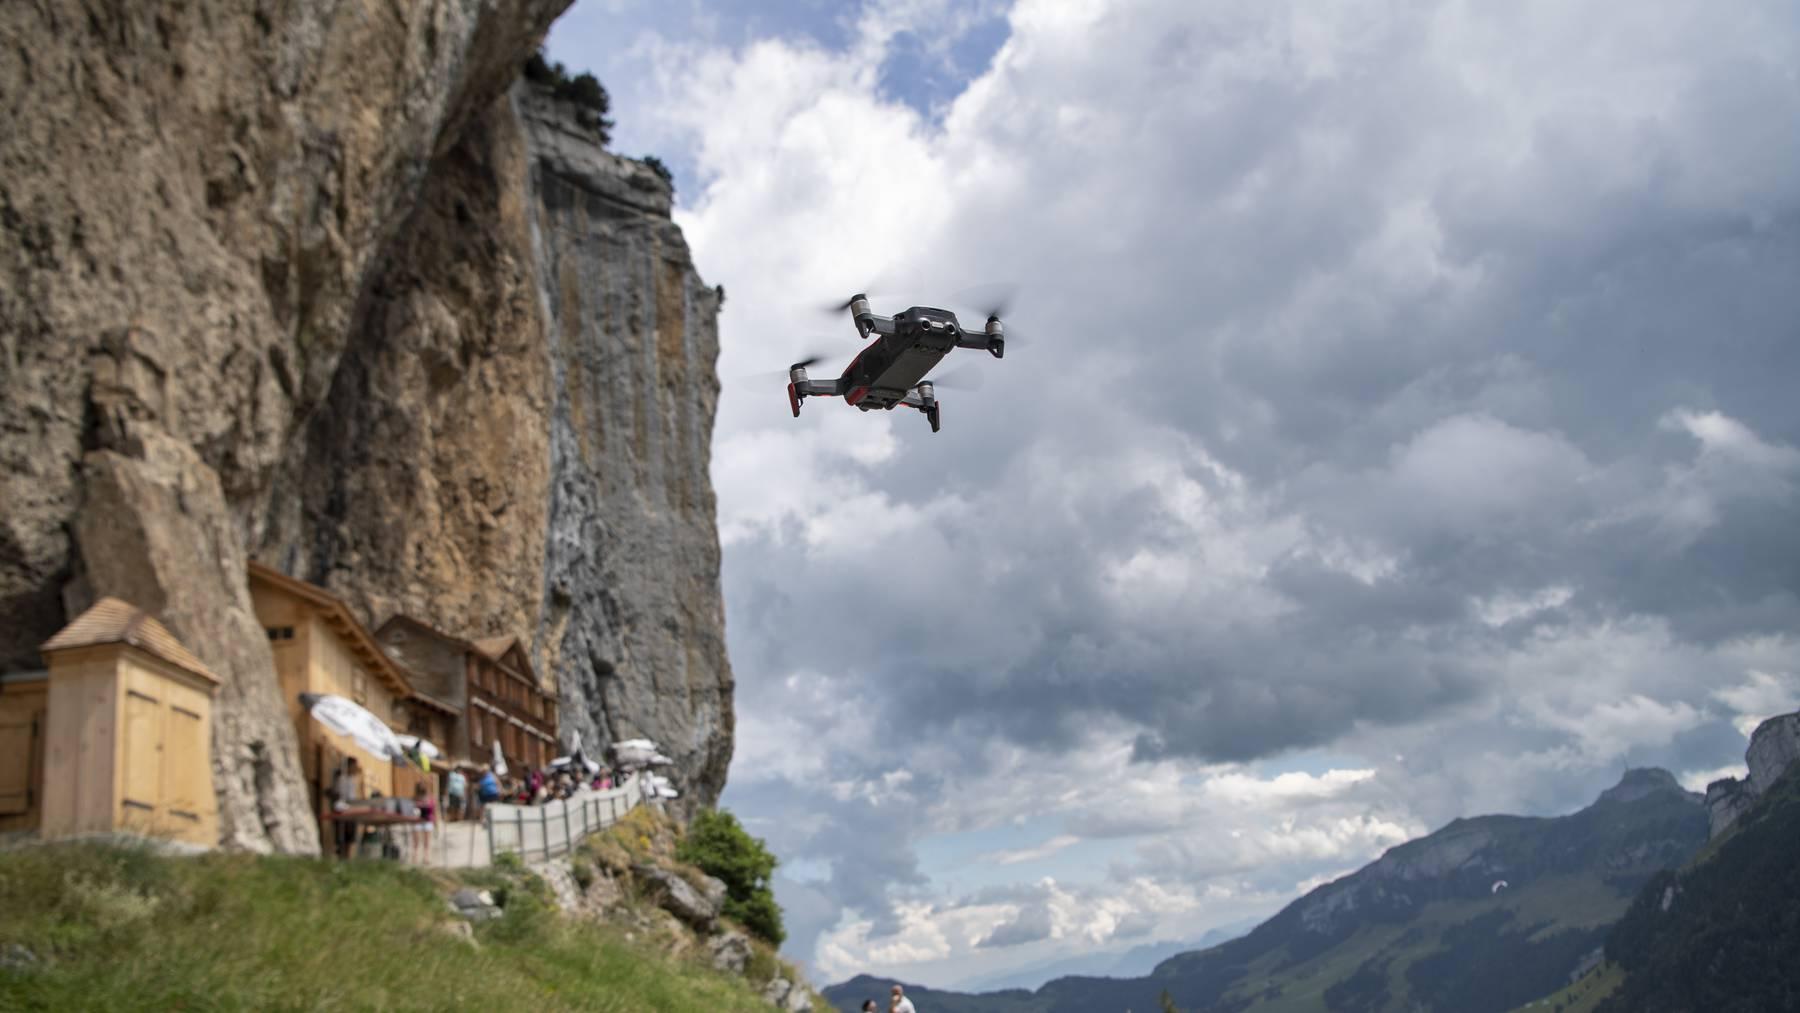 Die Drohnen-Problematik im Alpstein hat im Sommer 2020 zugenommen.